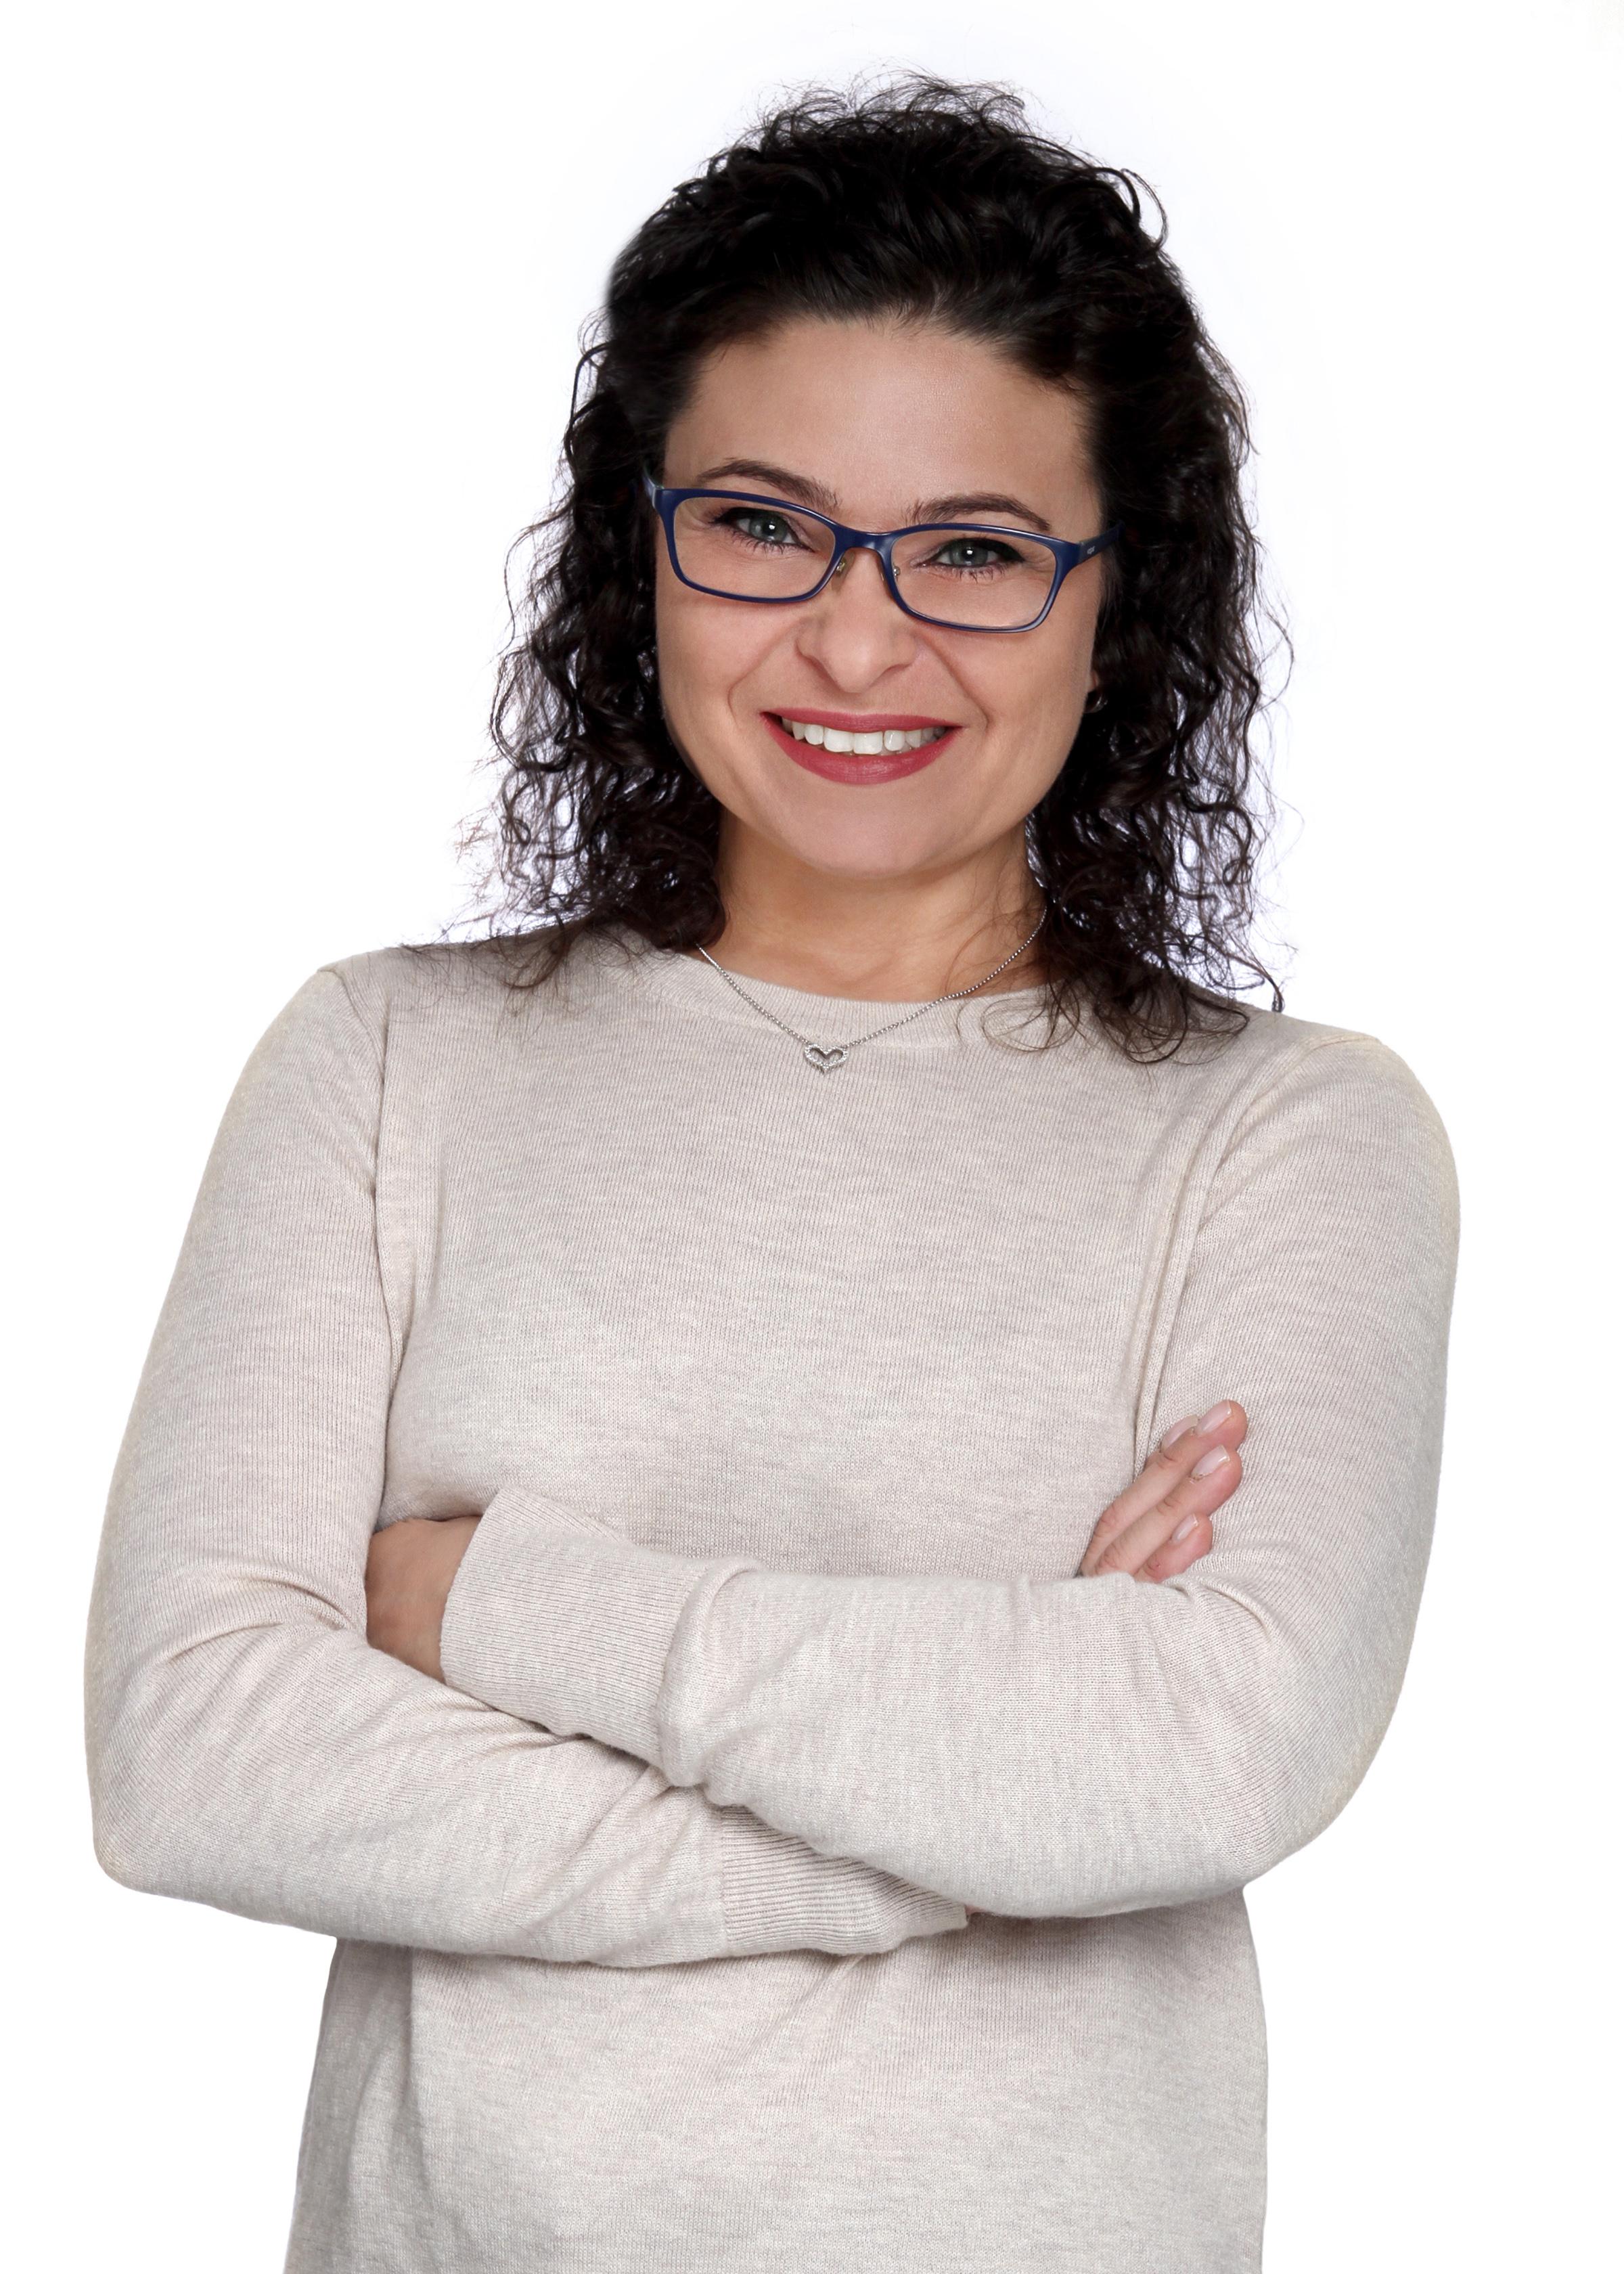 Marisa Schmidt